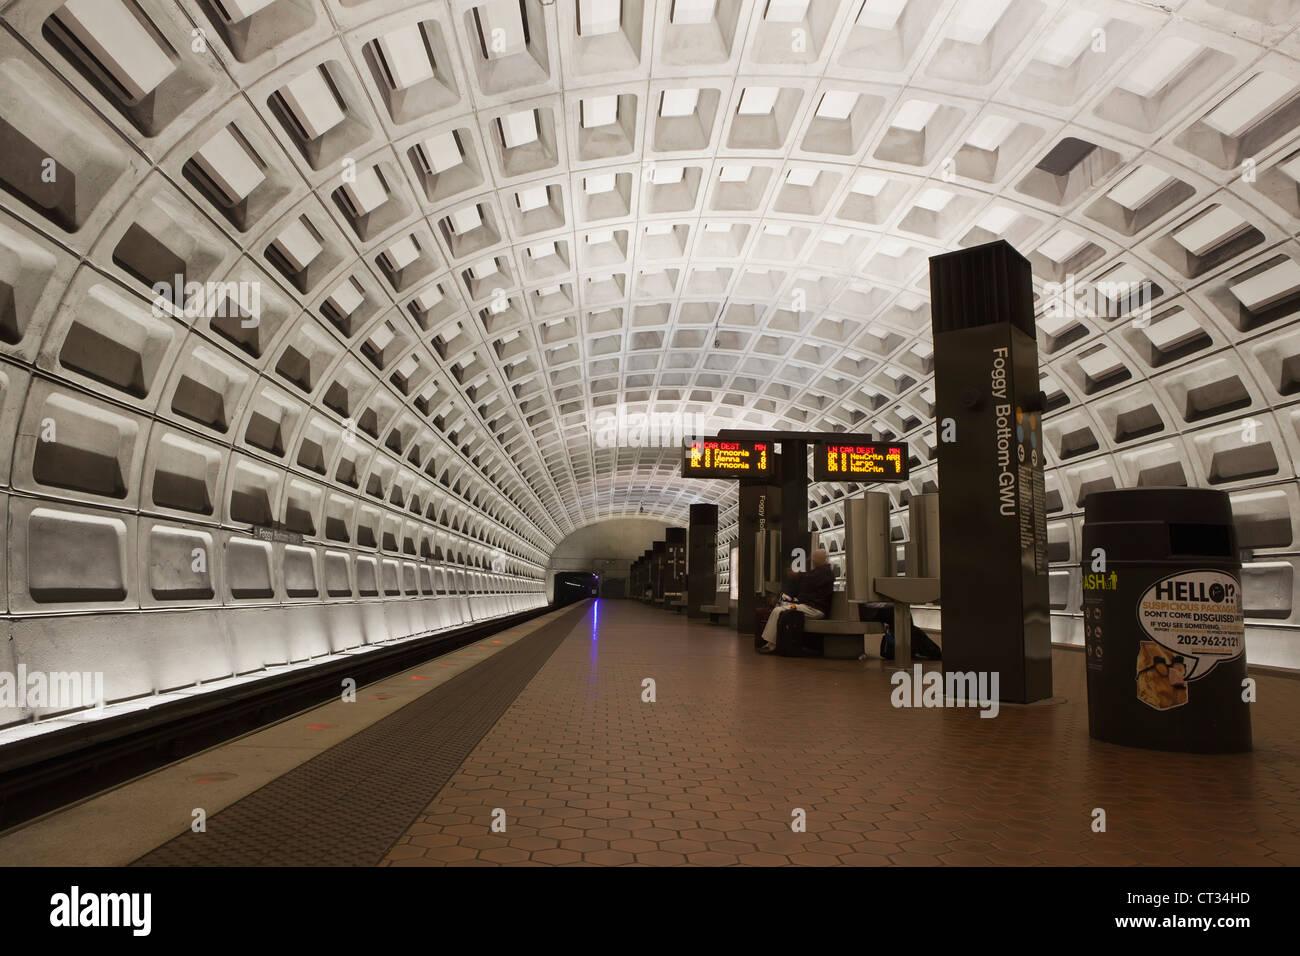 Apologise, washington dc metro foggy bottom